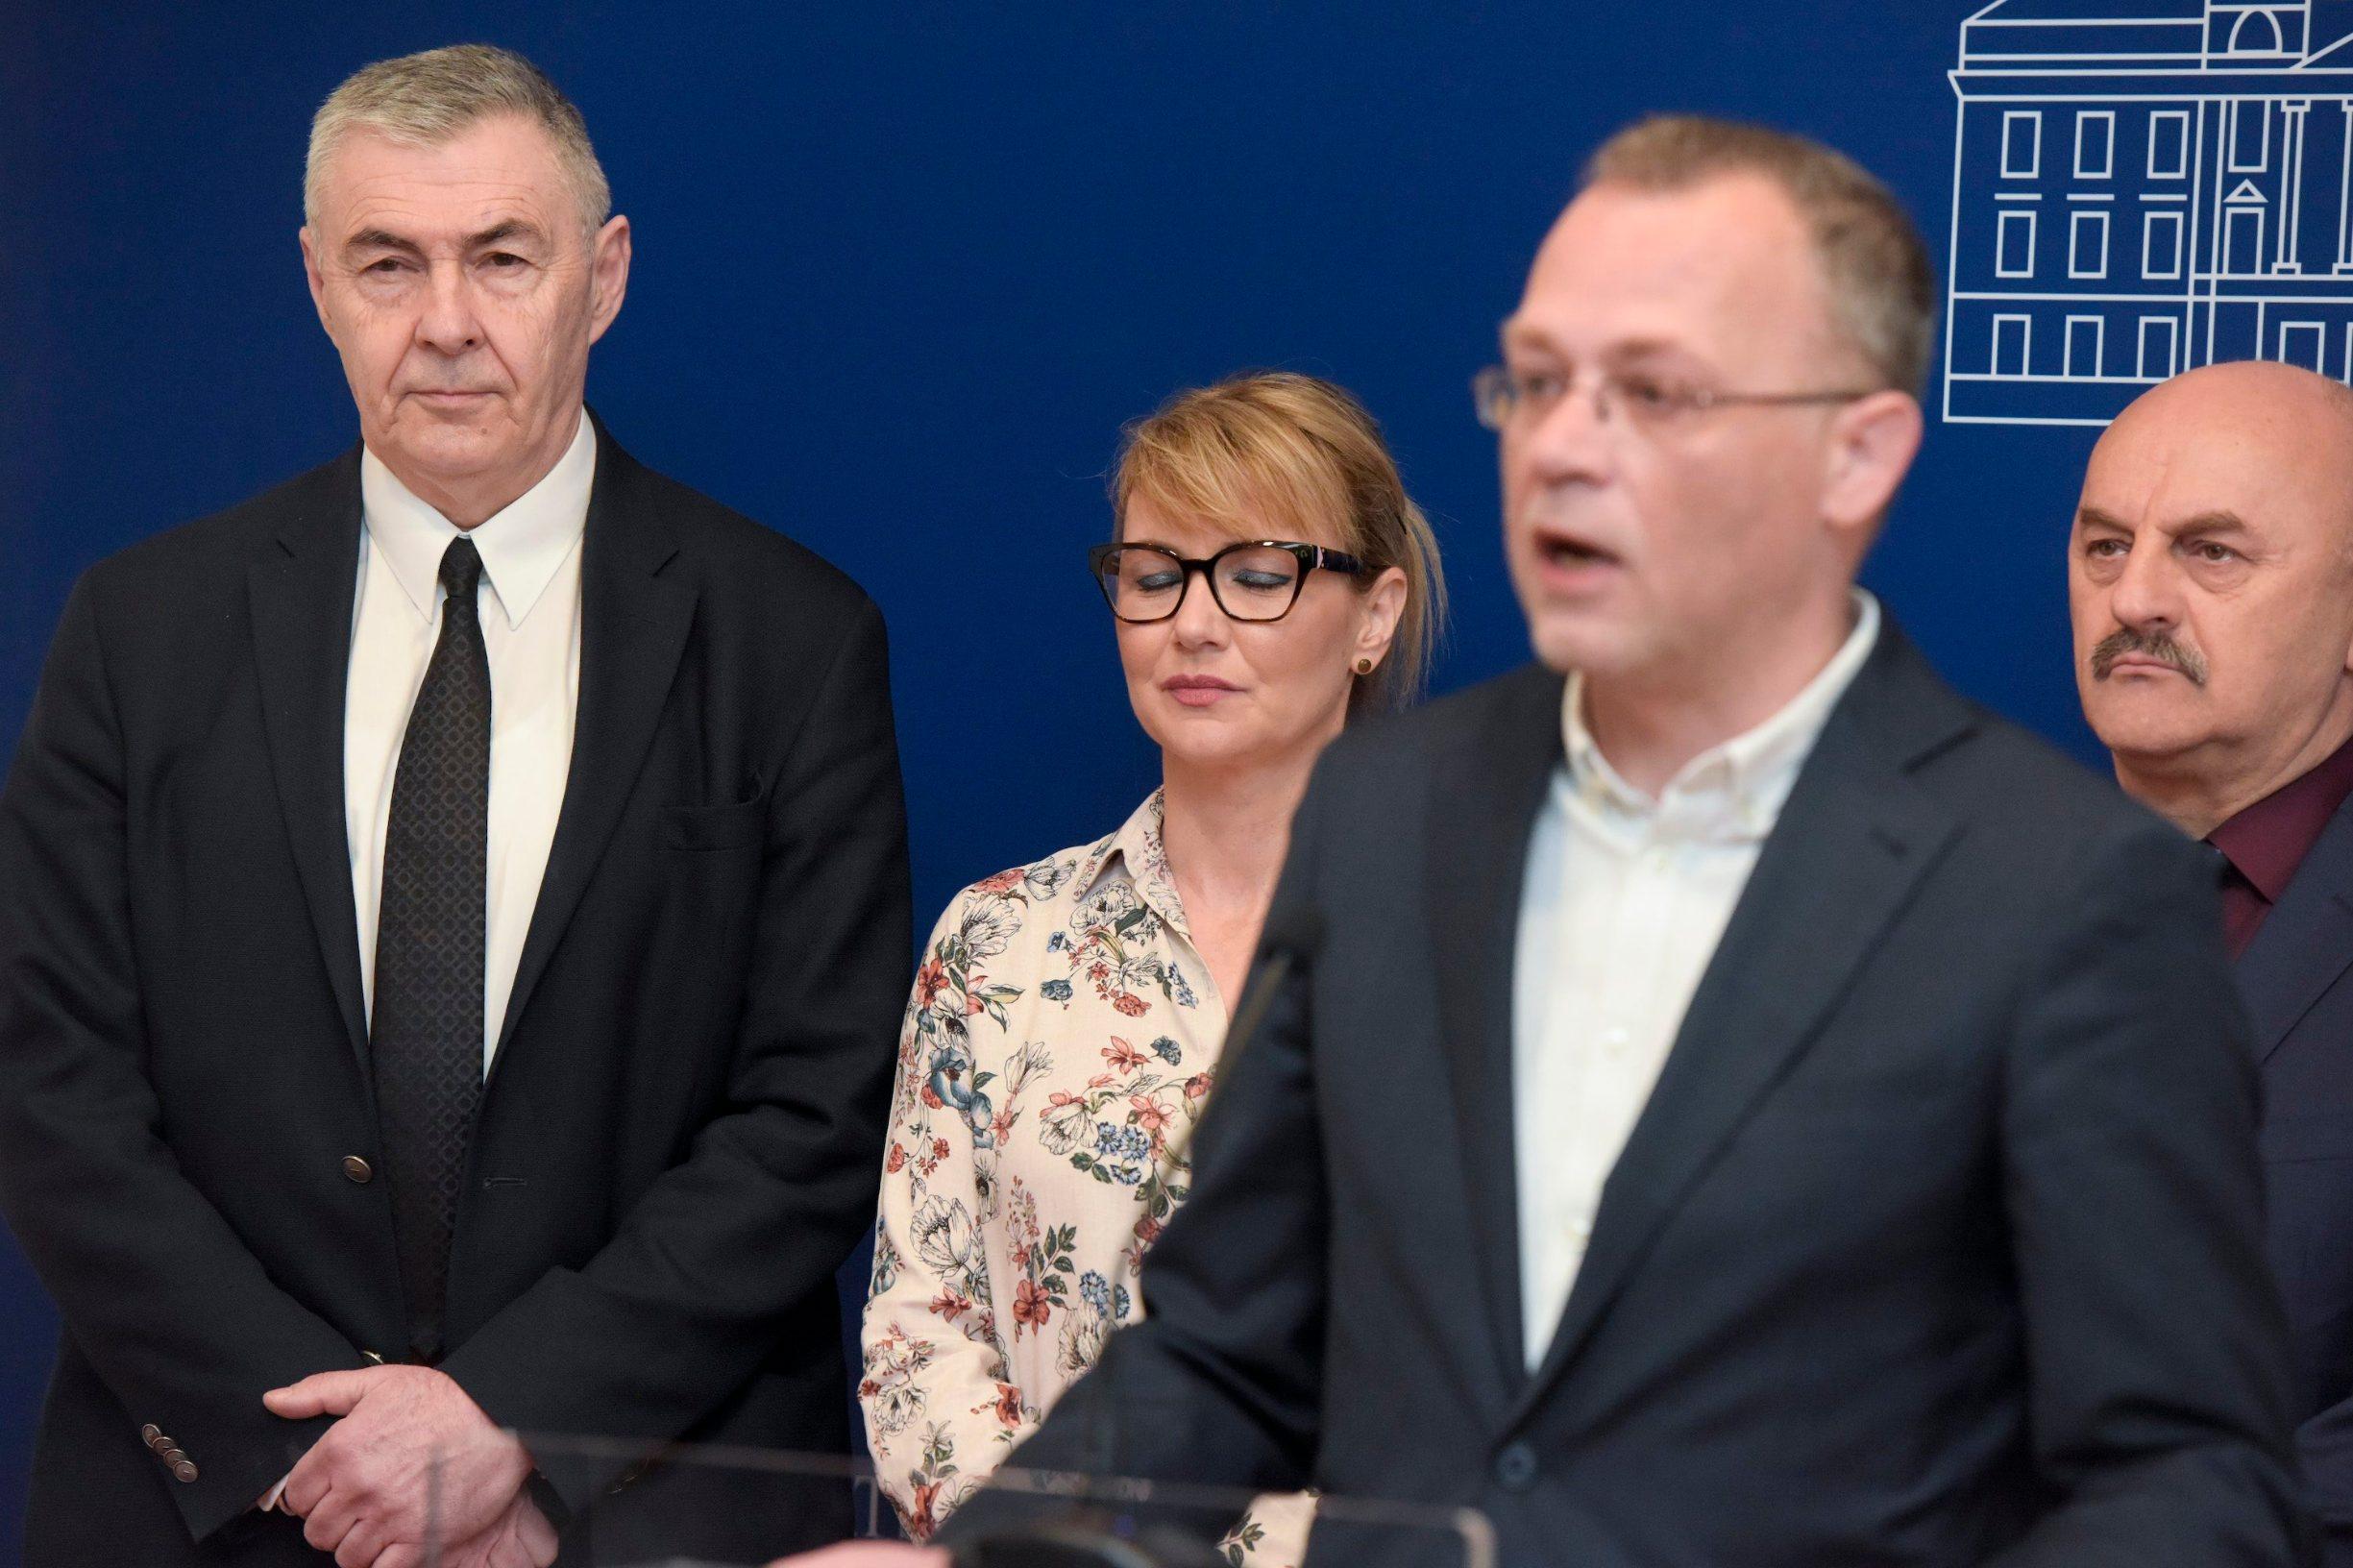 Željko Glasnović, Bruna Esih, Karlo Starčević, Zlatko Hasanbegović